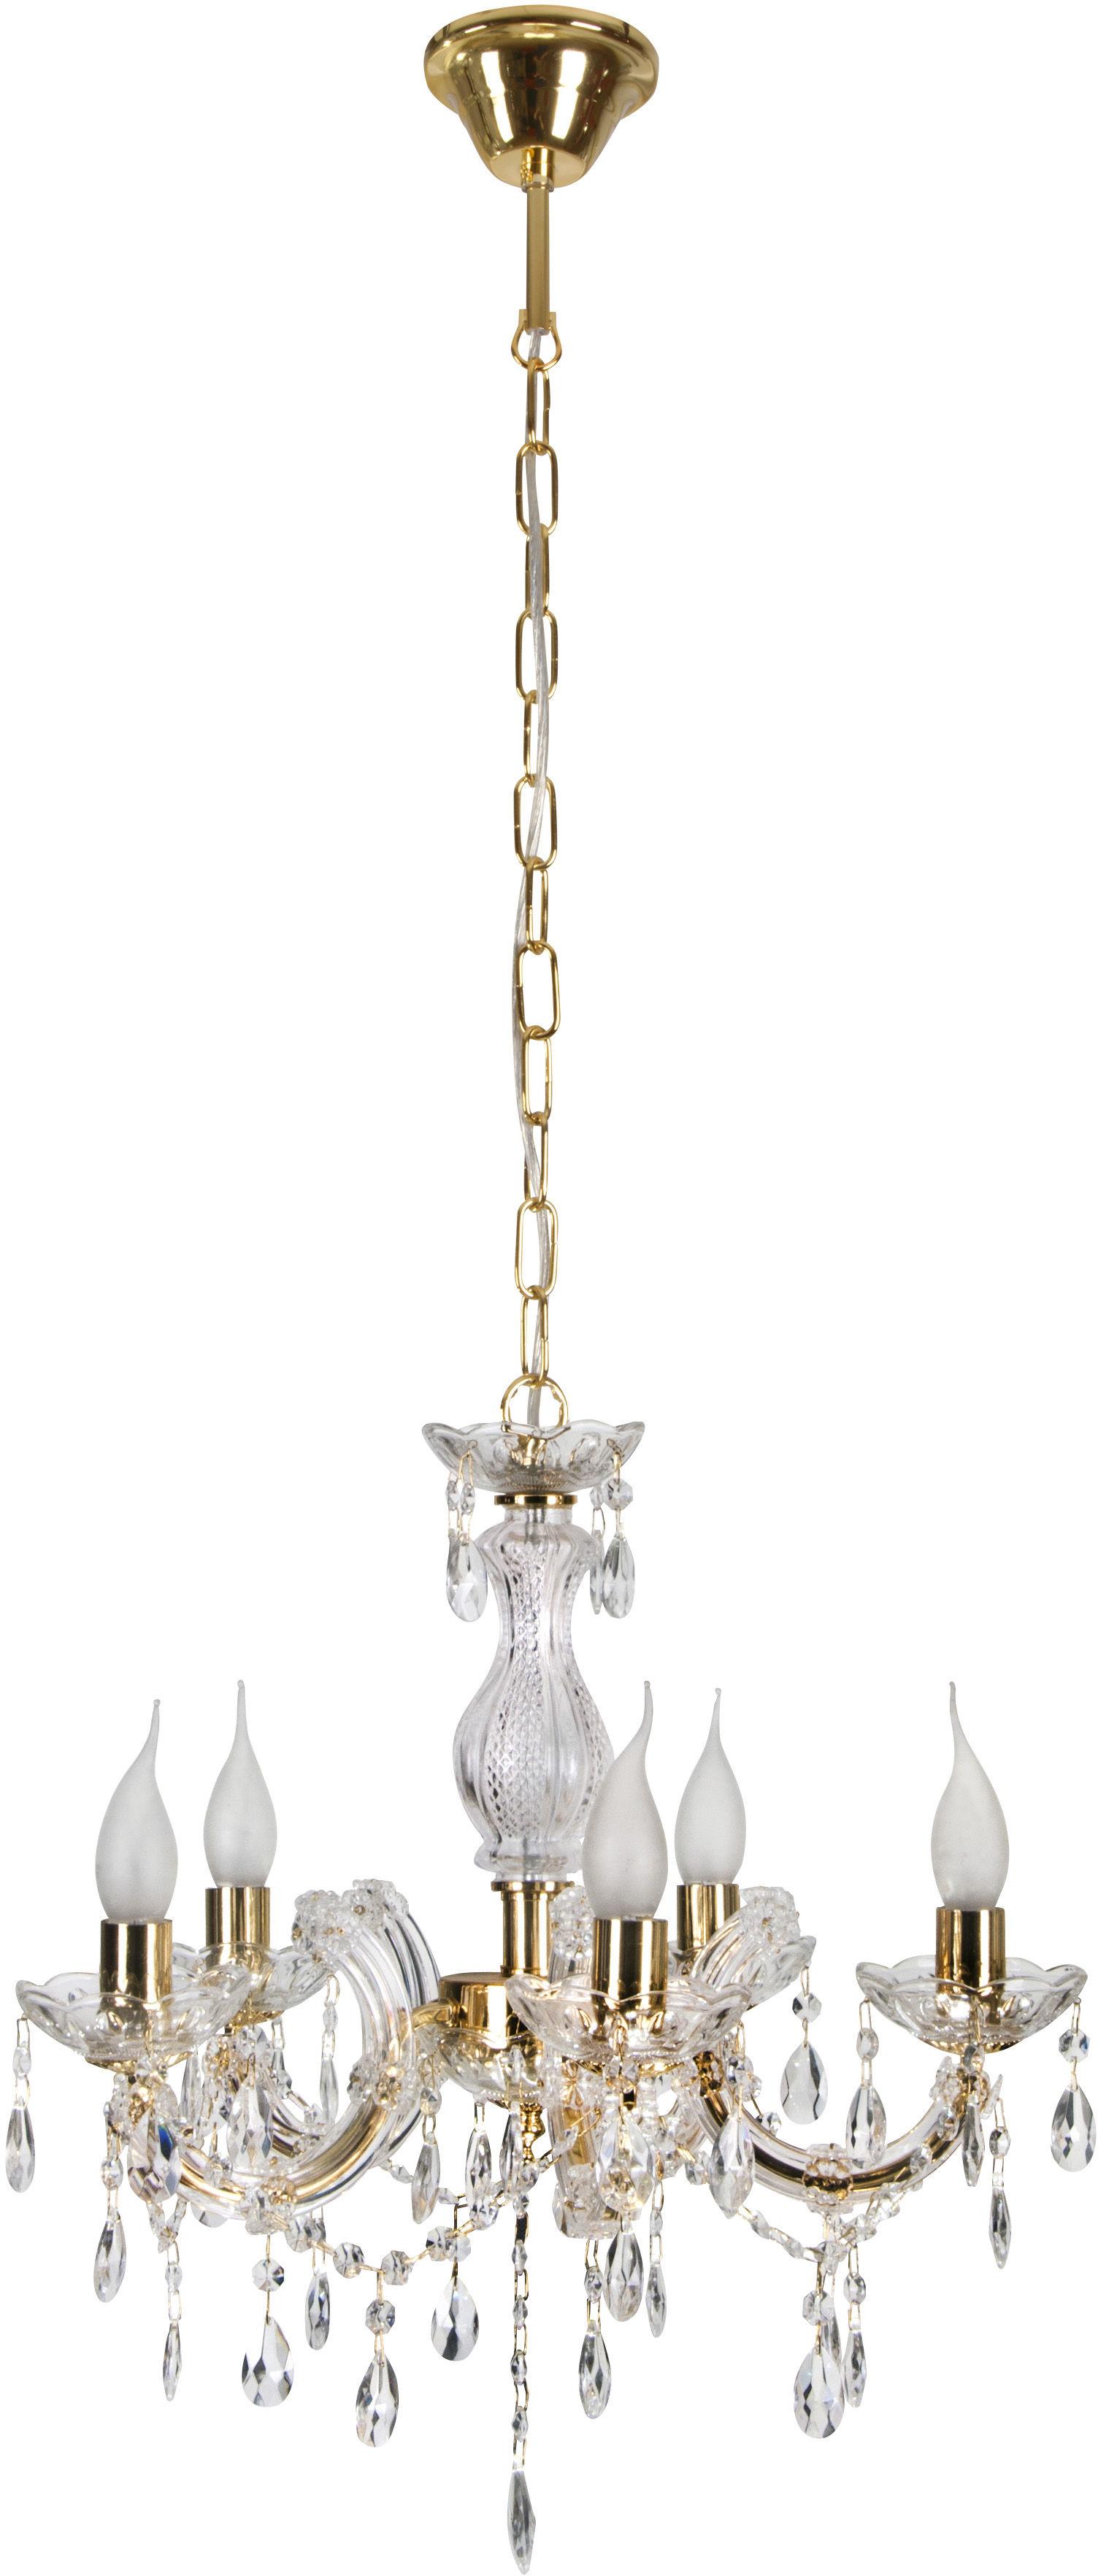 Candellux MARIA TERESA 35-94646 żyrandol kryształy 5X40W E14 złoty 48cm